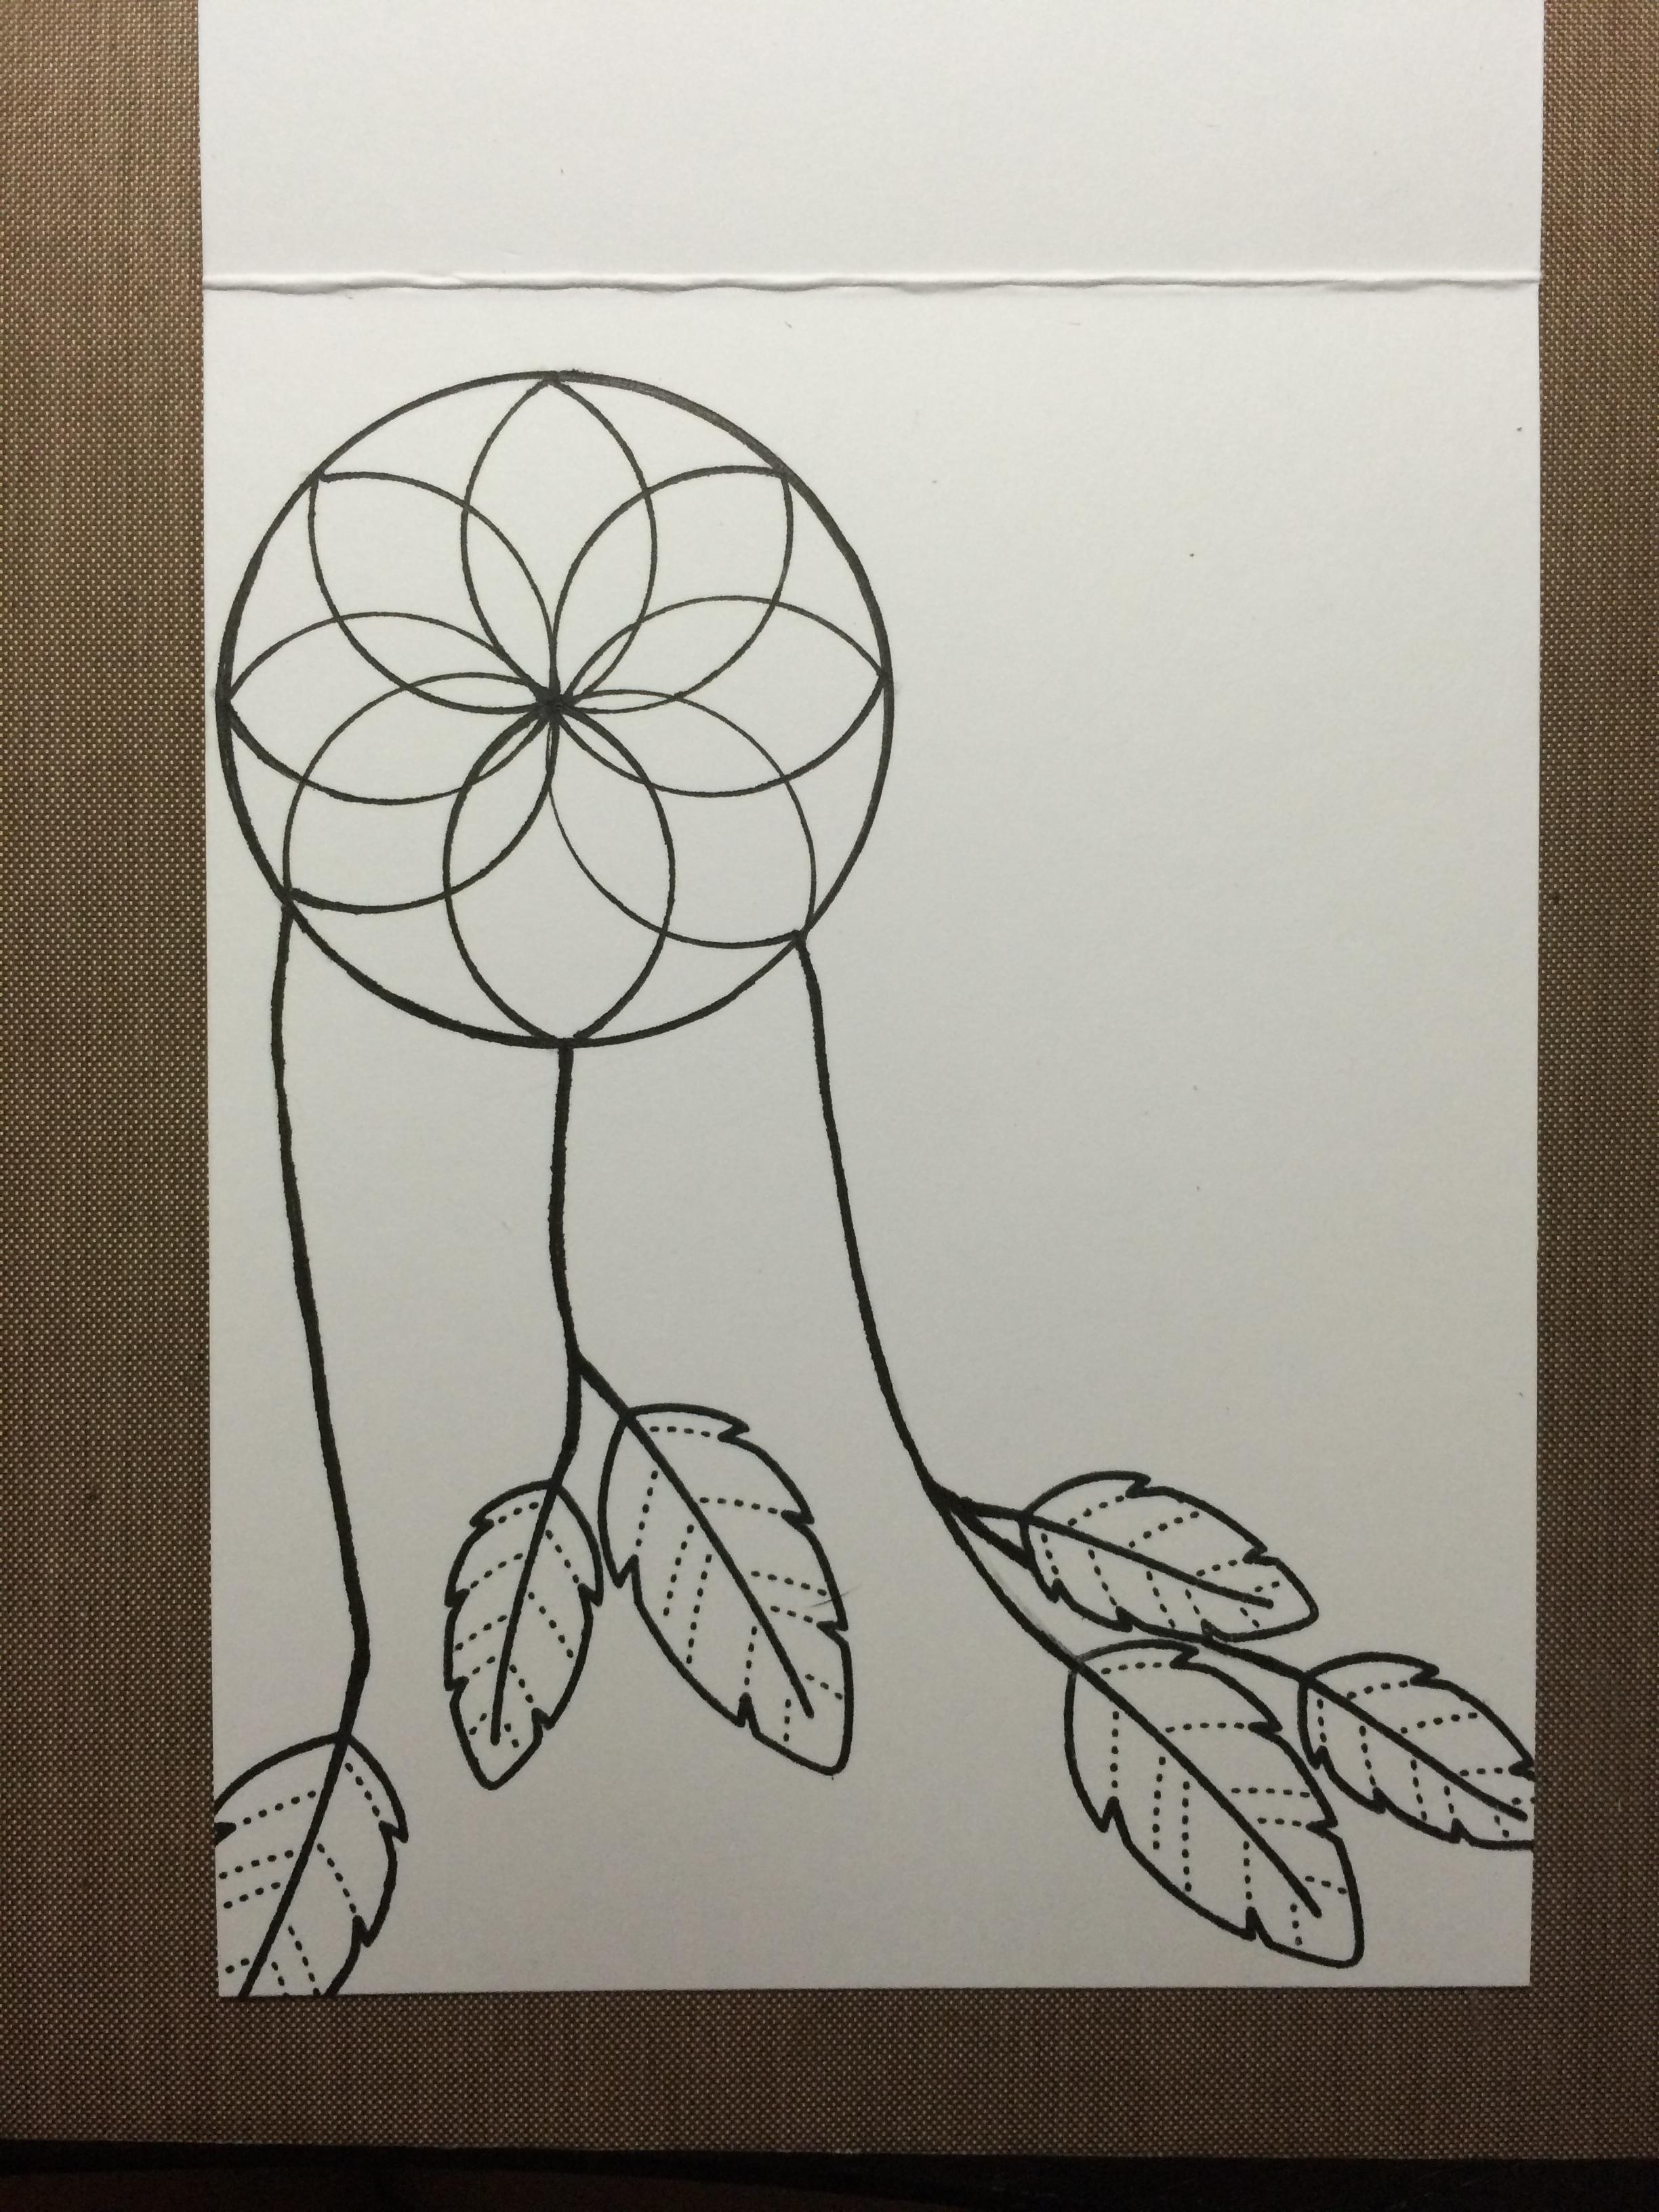 2448x3264 Dream Catcher Drawing Pencil Easy Dreamcatcher Kristin B. Fiore